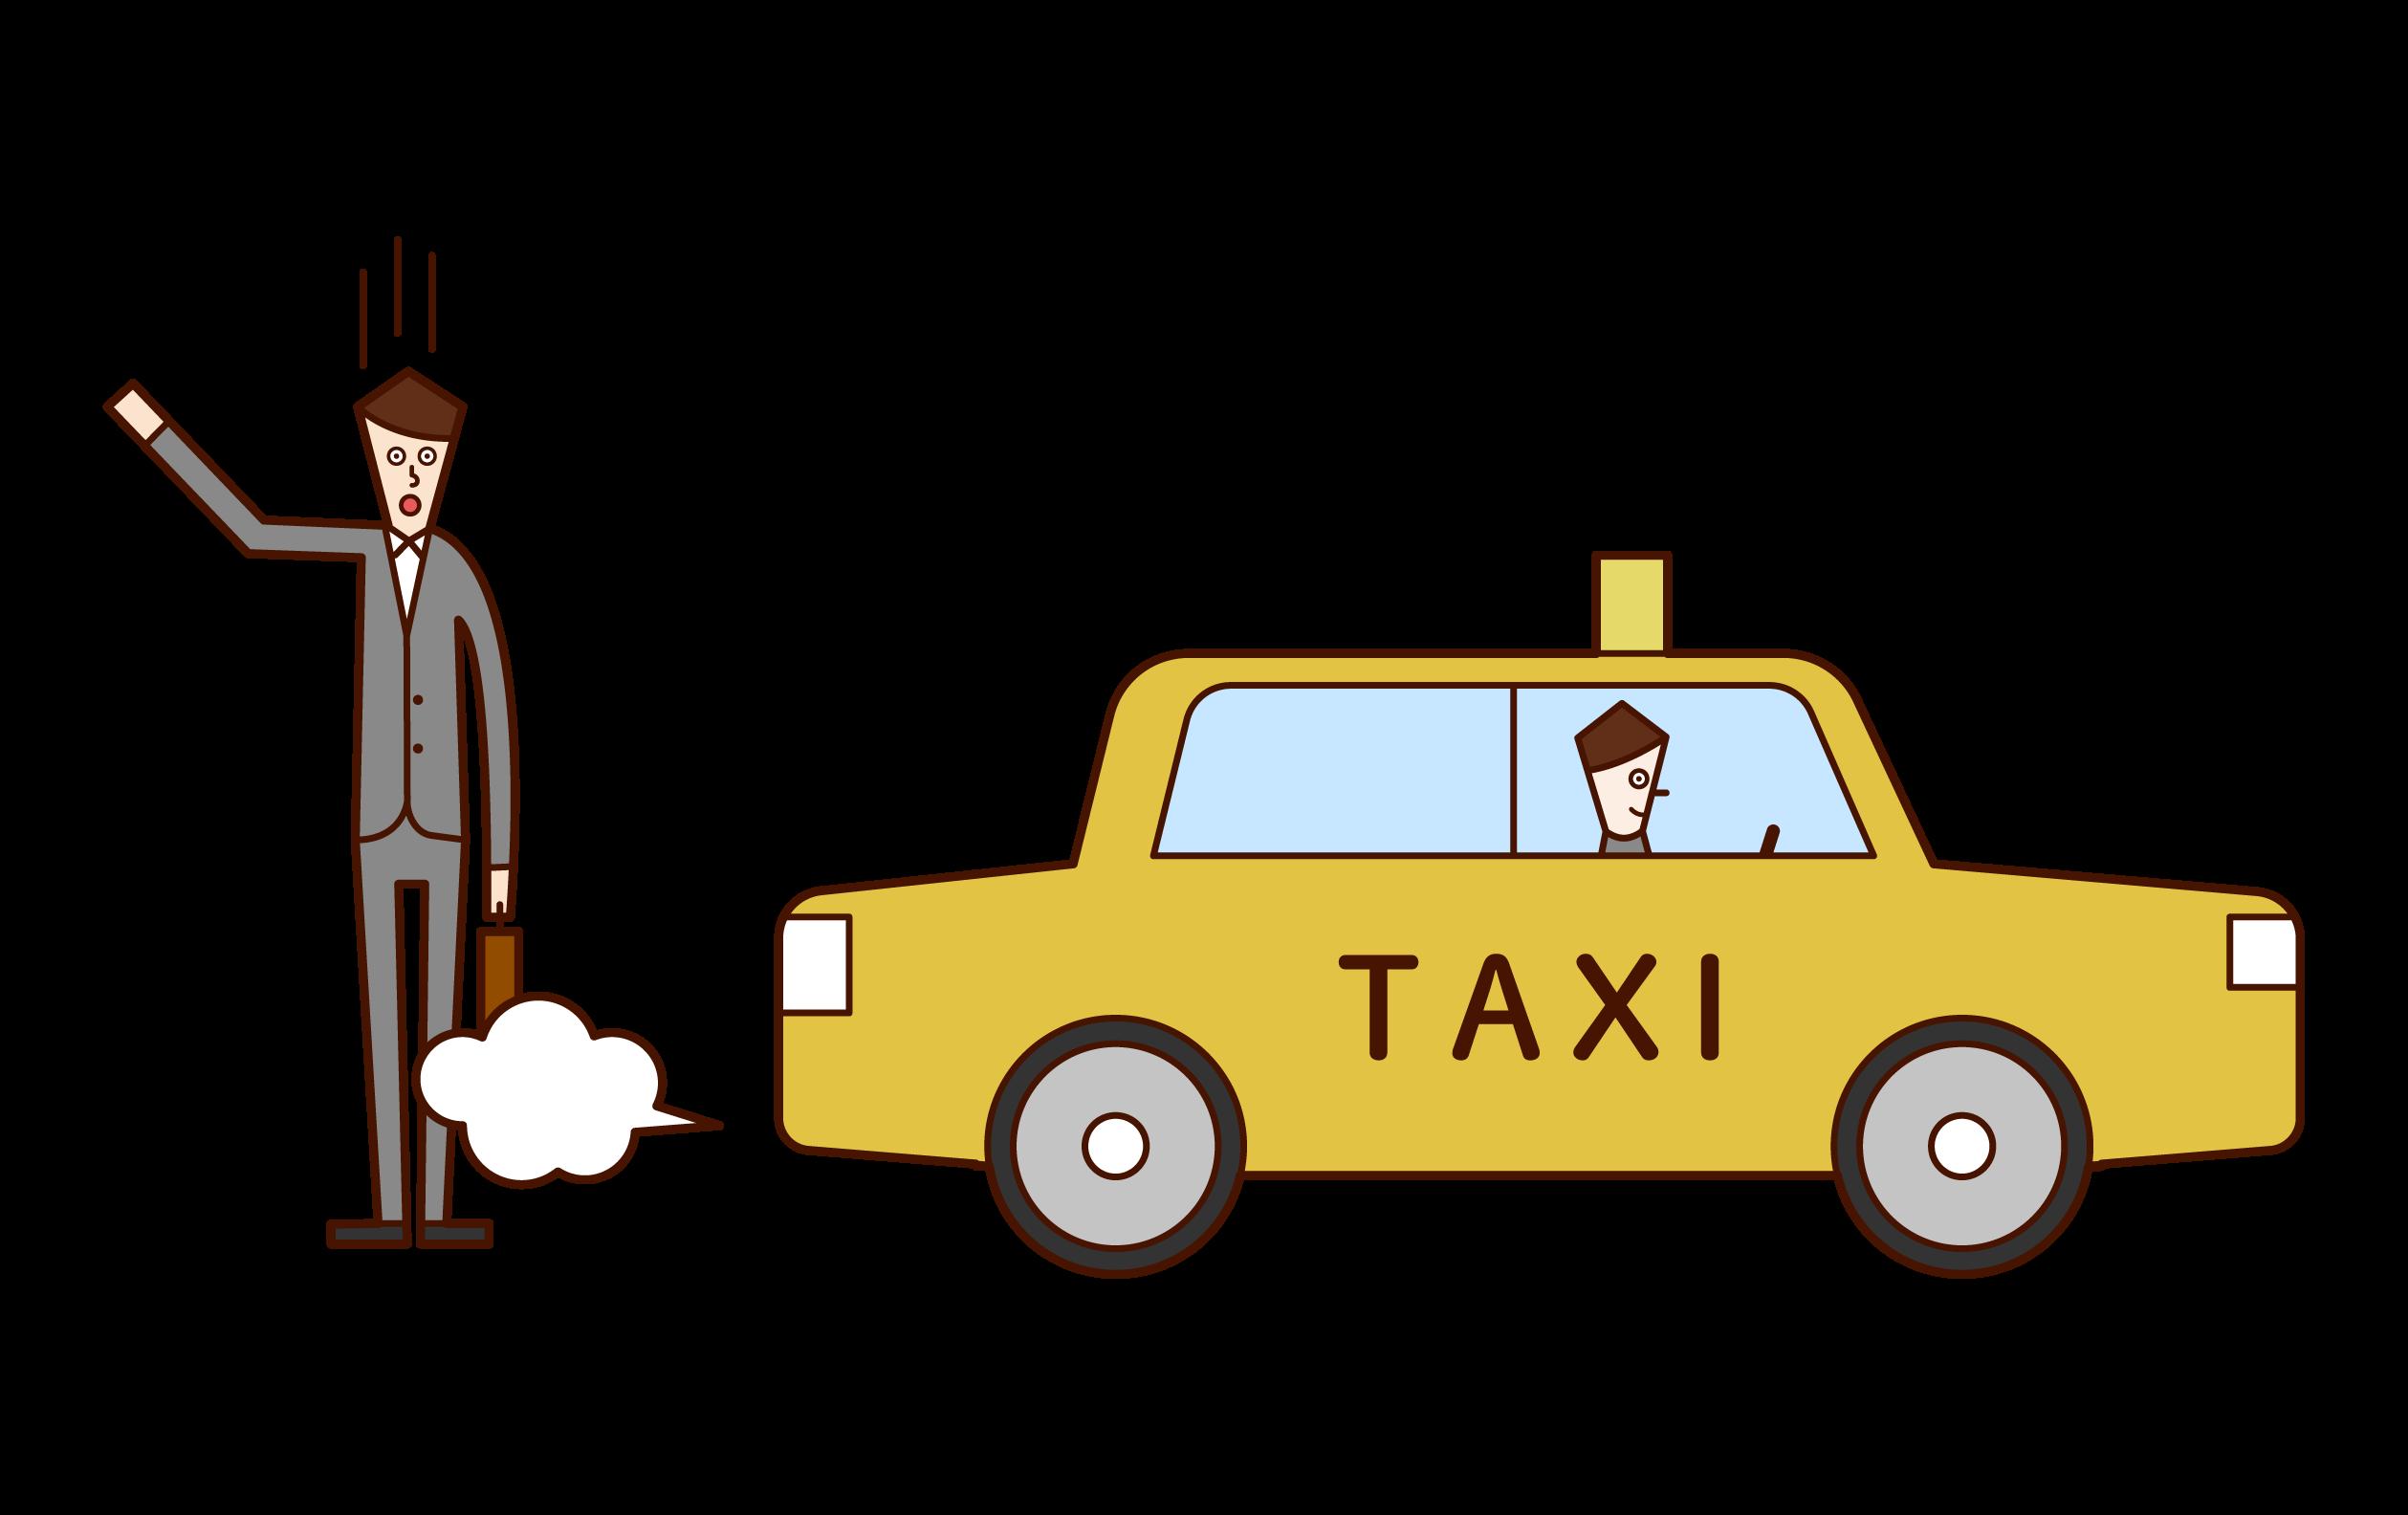 택시를 잡지 못한 남자의 일러스트